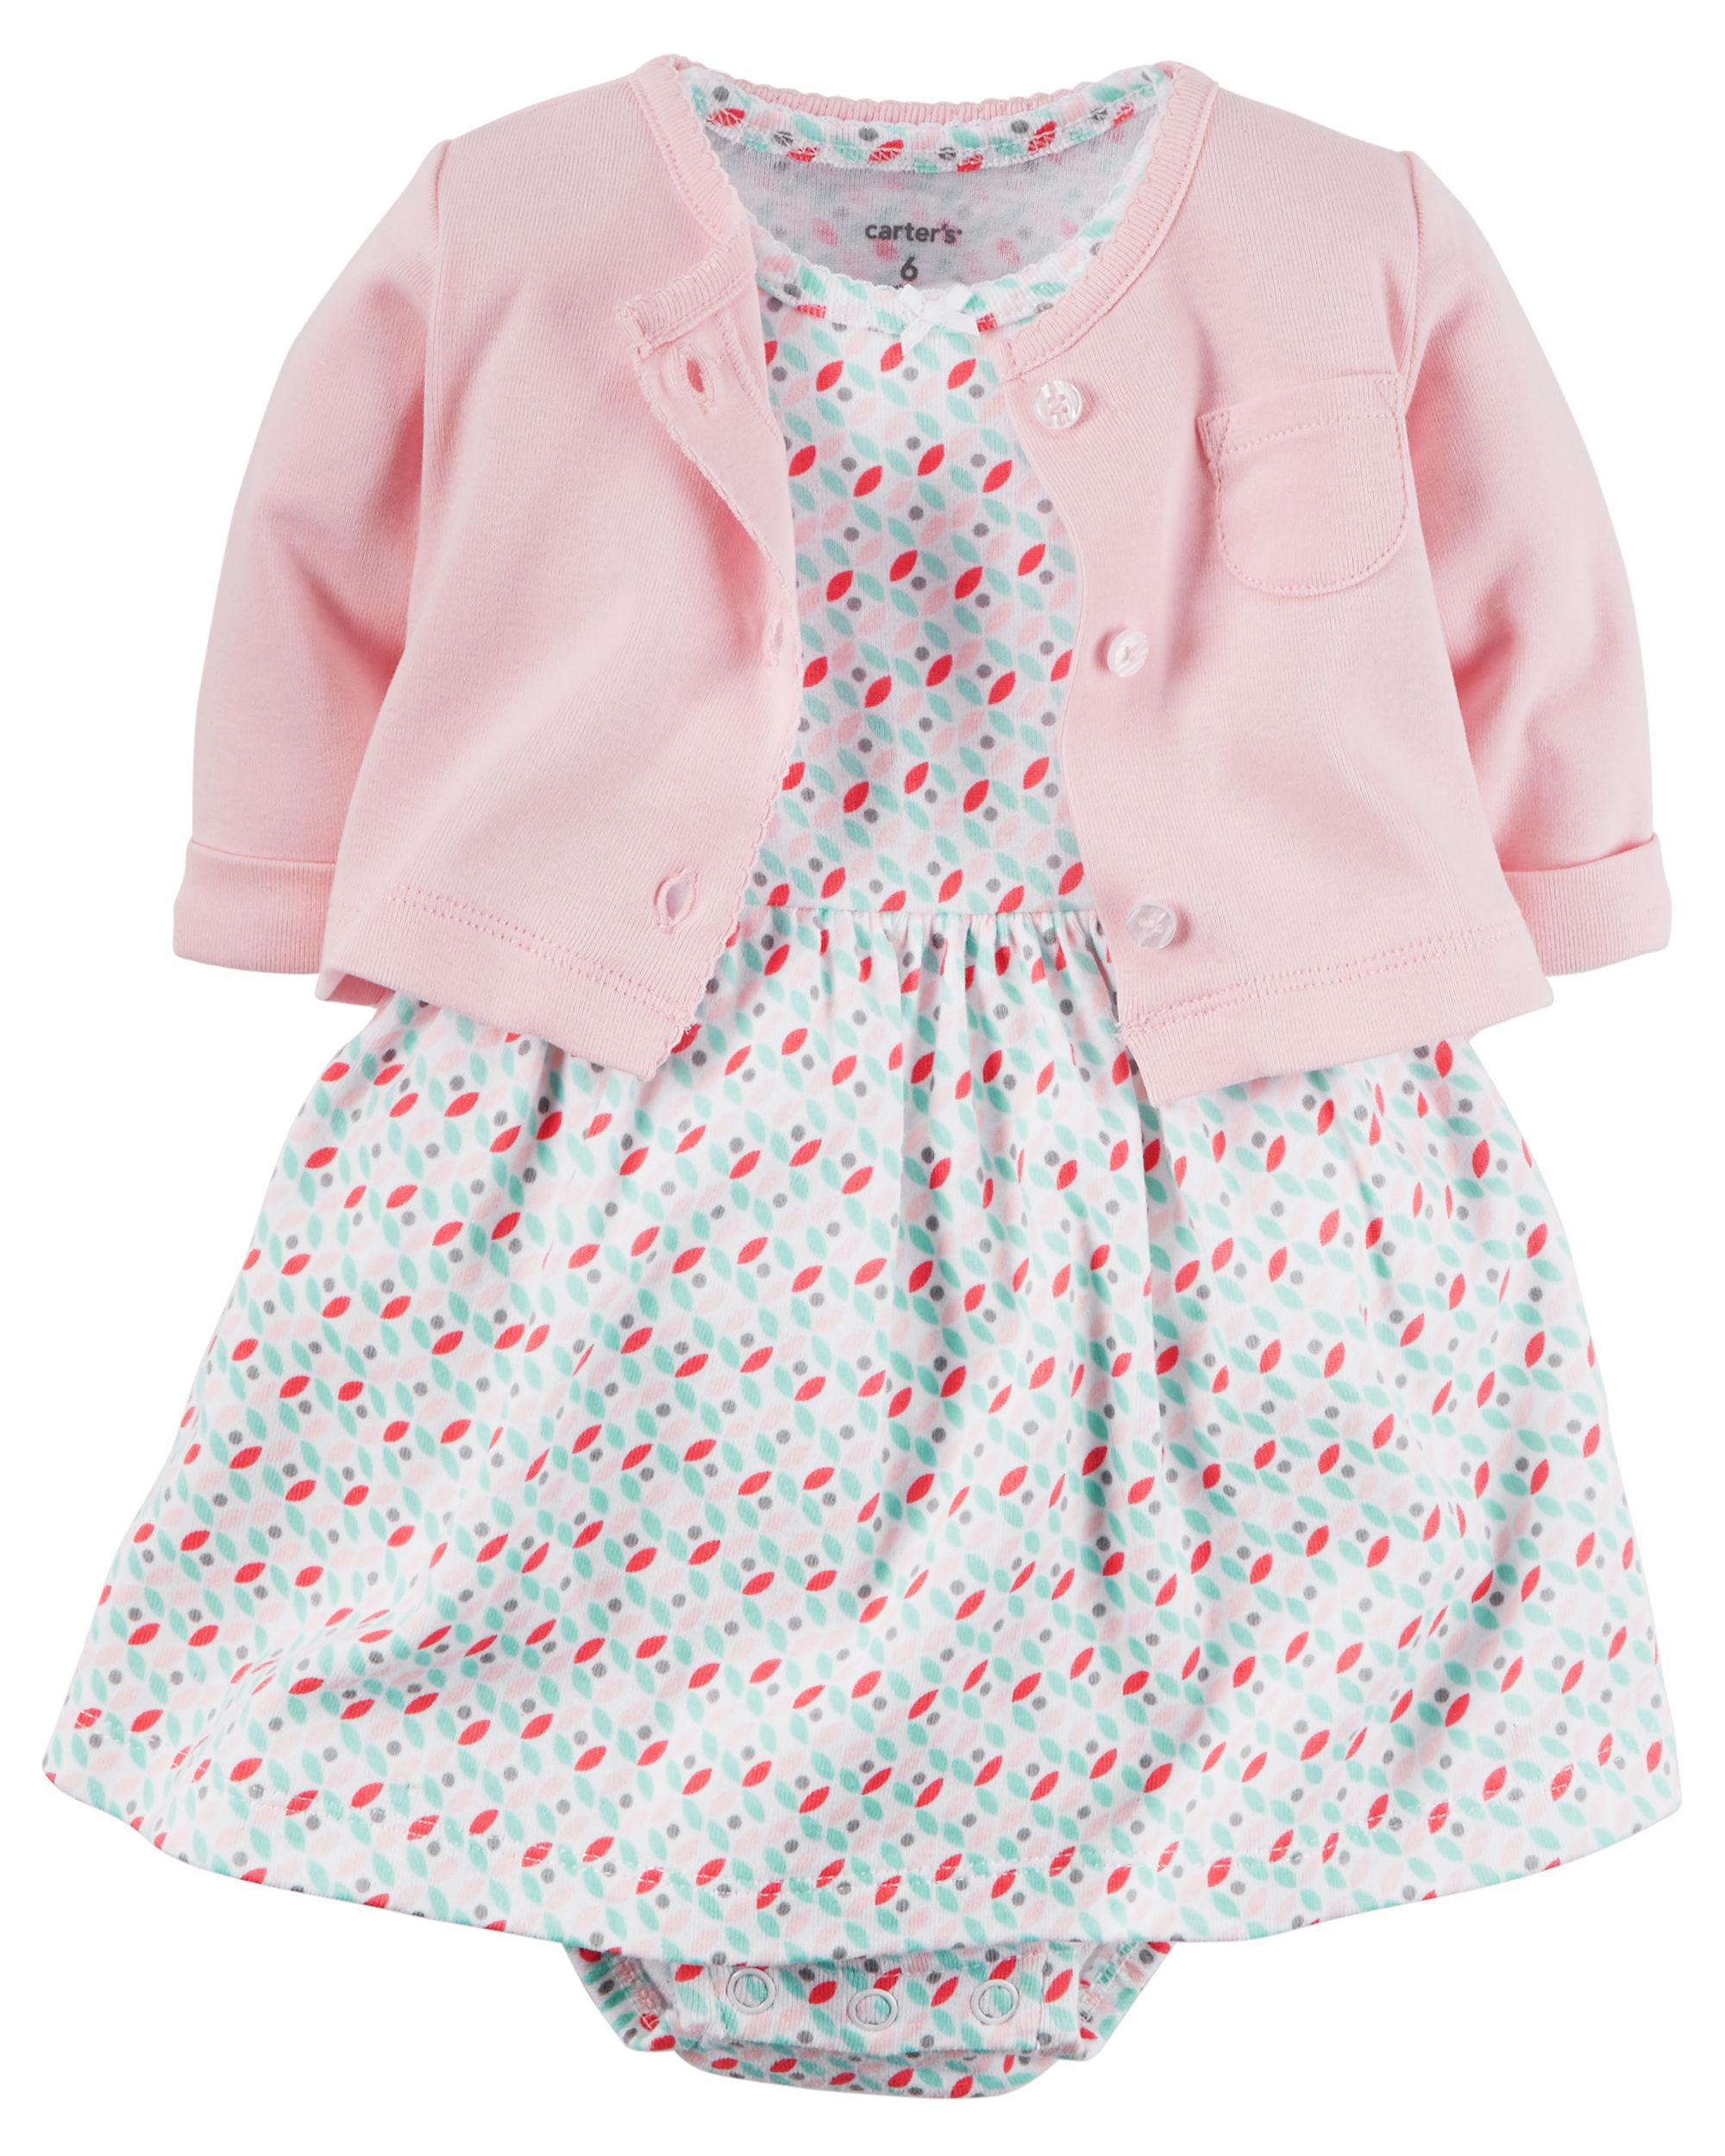 【美國Carter's】套裝2件組-粉嫩圖騰包屁式洋裝+純棉小外套#126G284